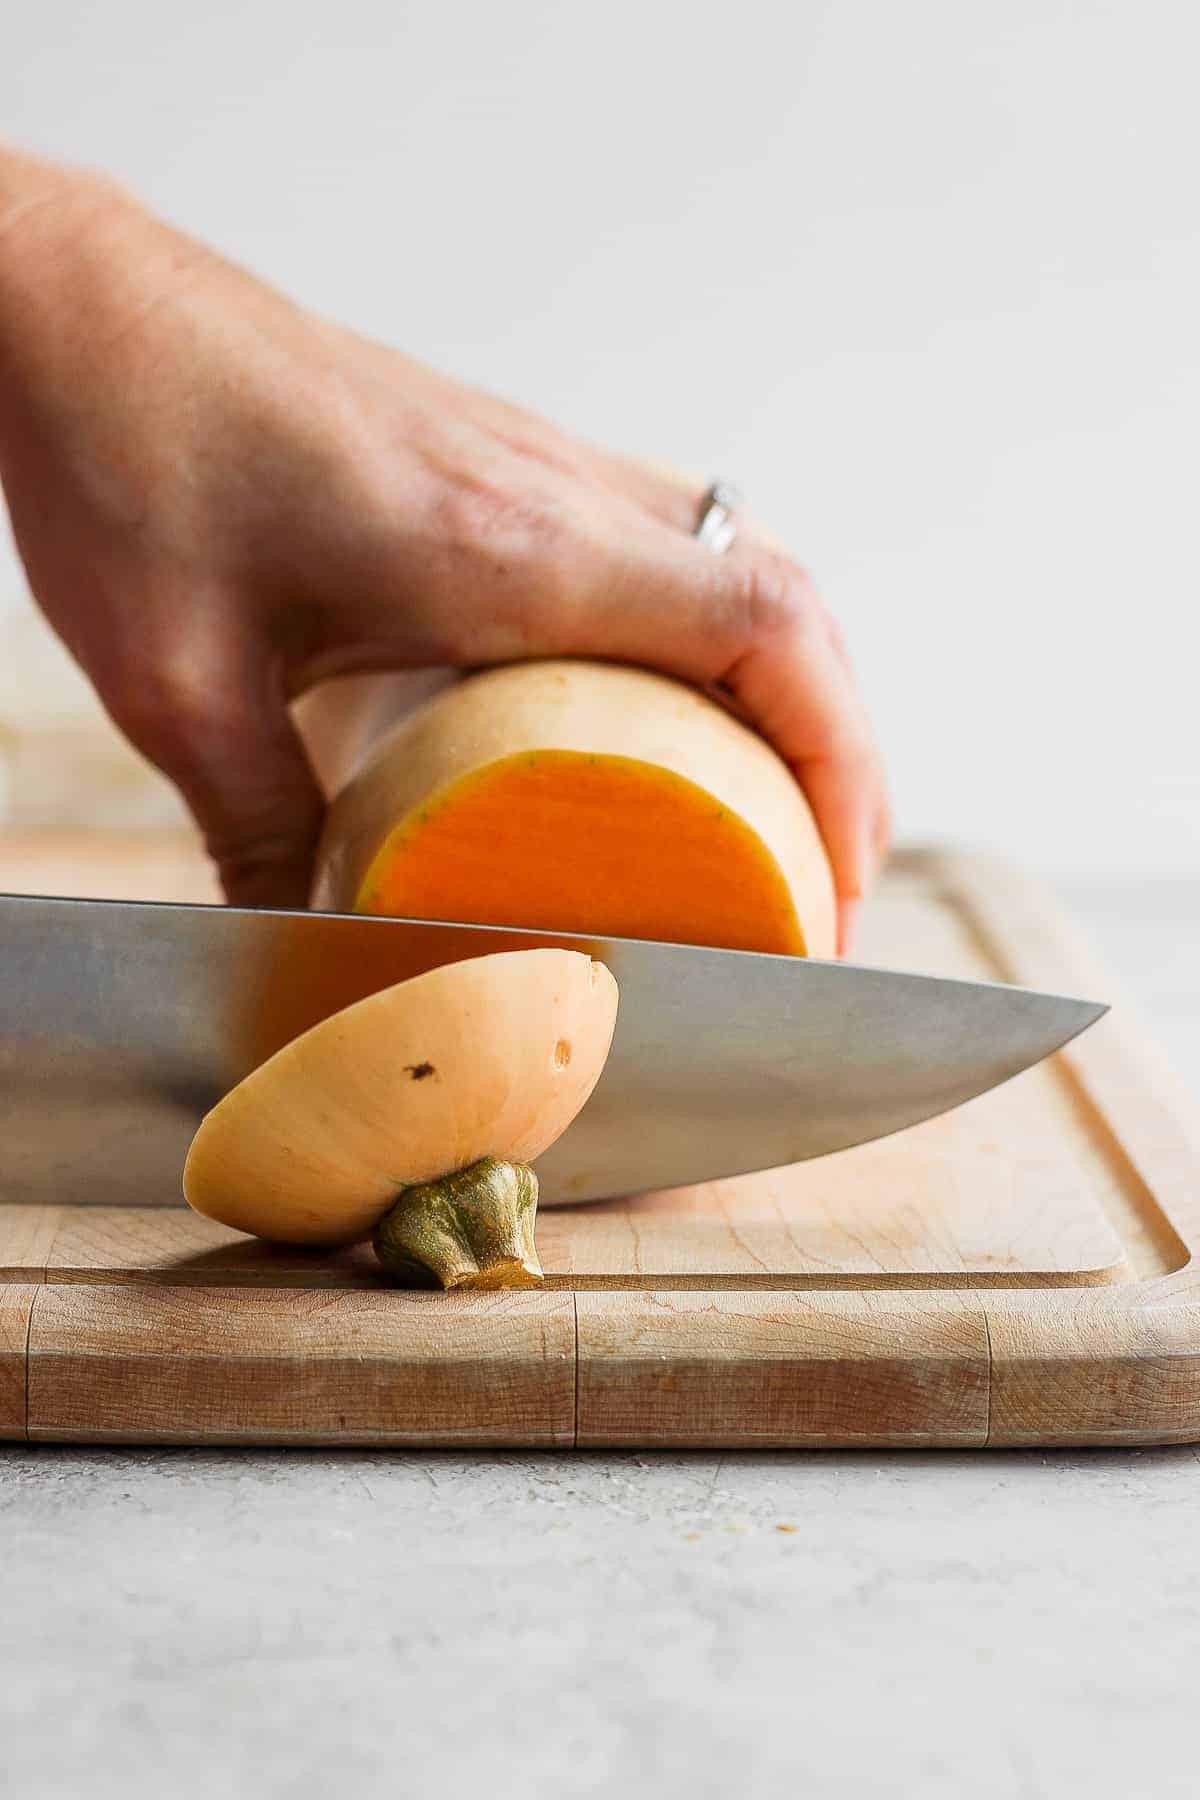 Butternut squash on cutting board getting cut